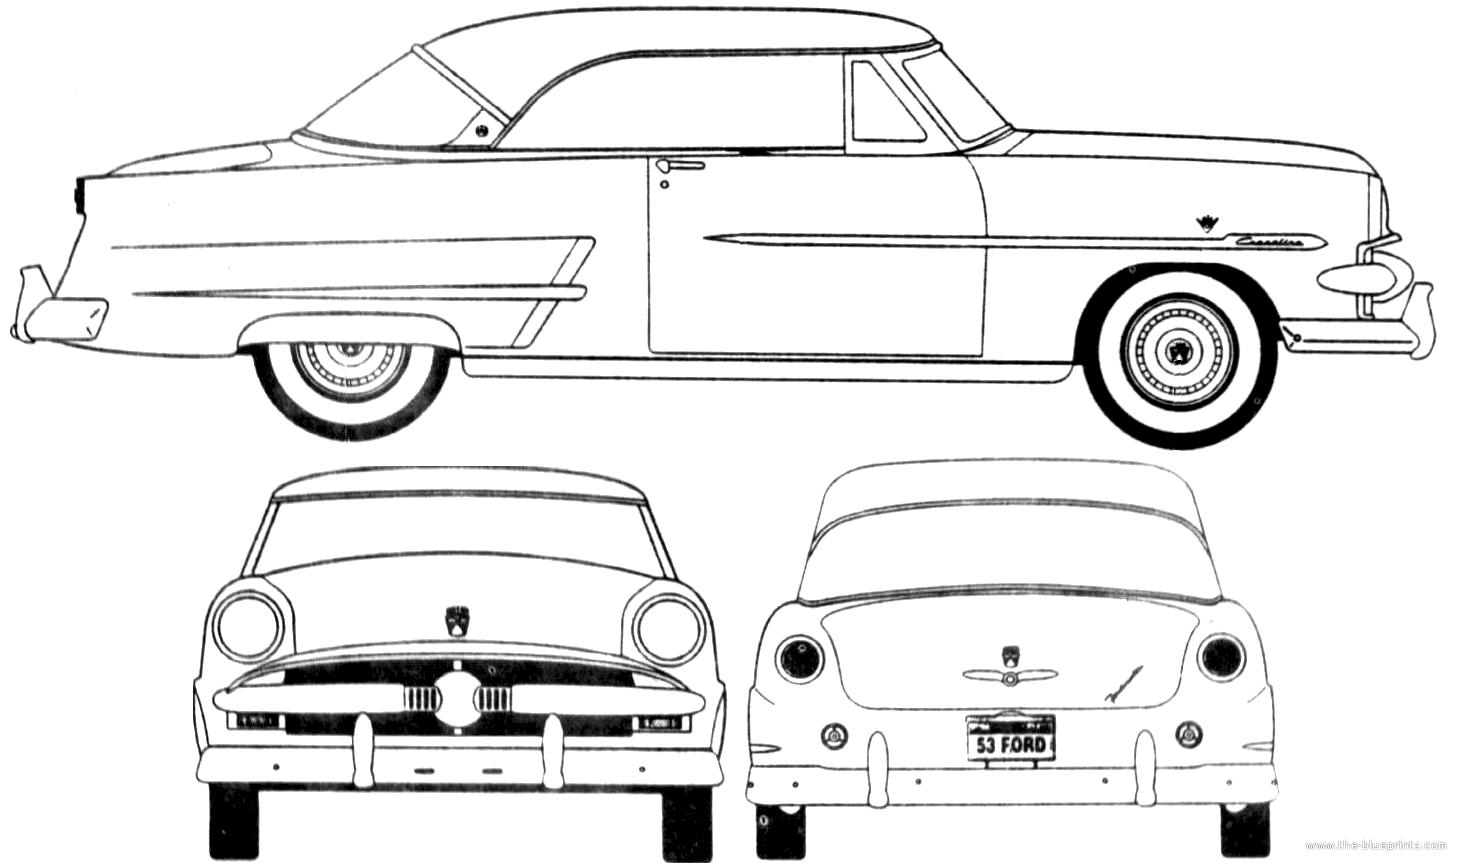 Blueprints > Cars > Ford > Ford Crestline Victoria Hardtop